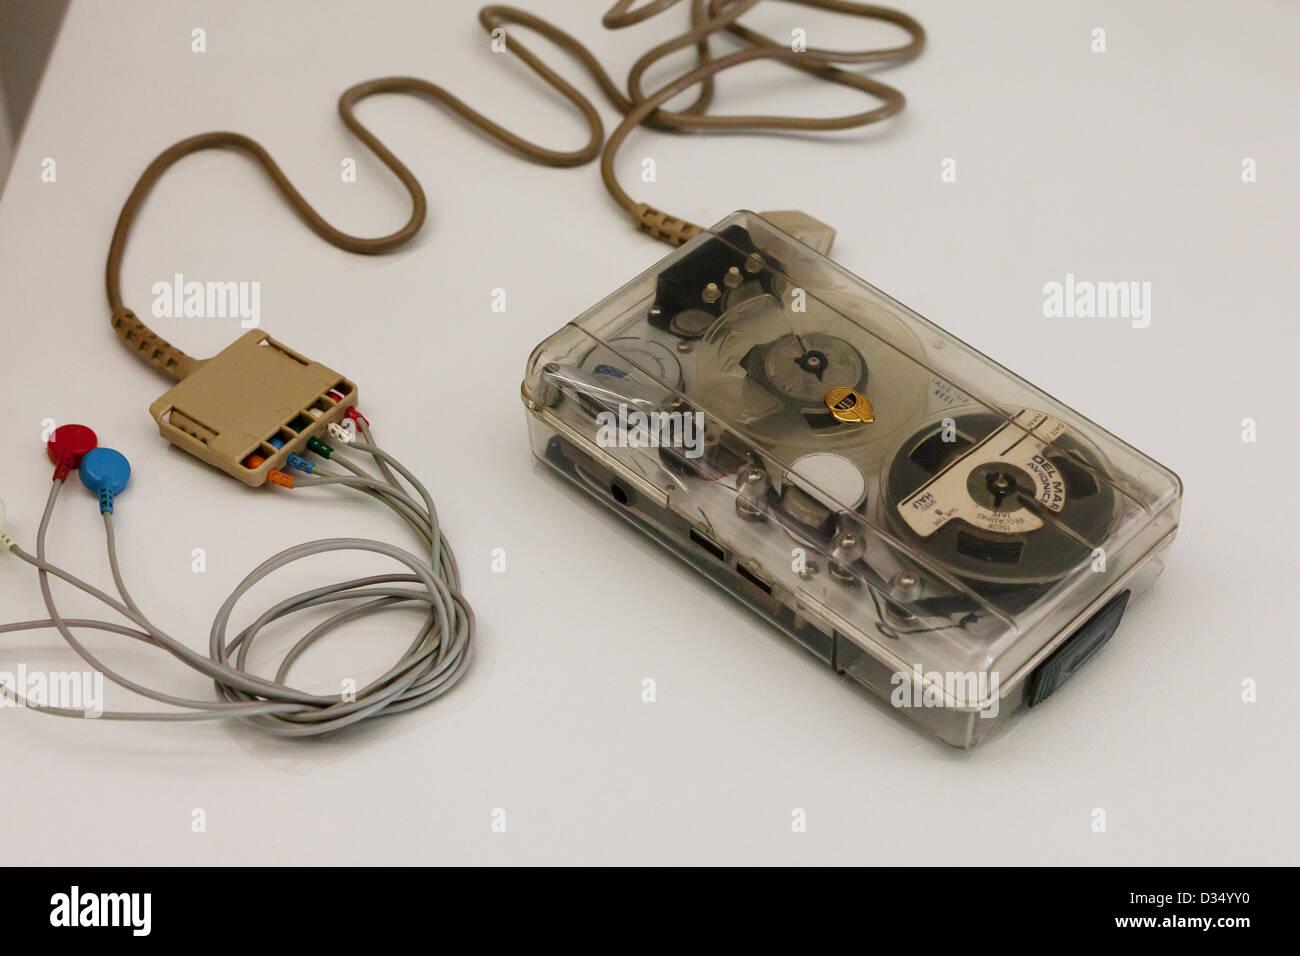 Monitor cardíaco Vintage máquina de la cinta de grabación: circa 1970 Imagen De Stock